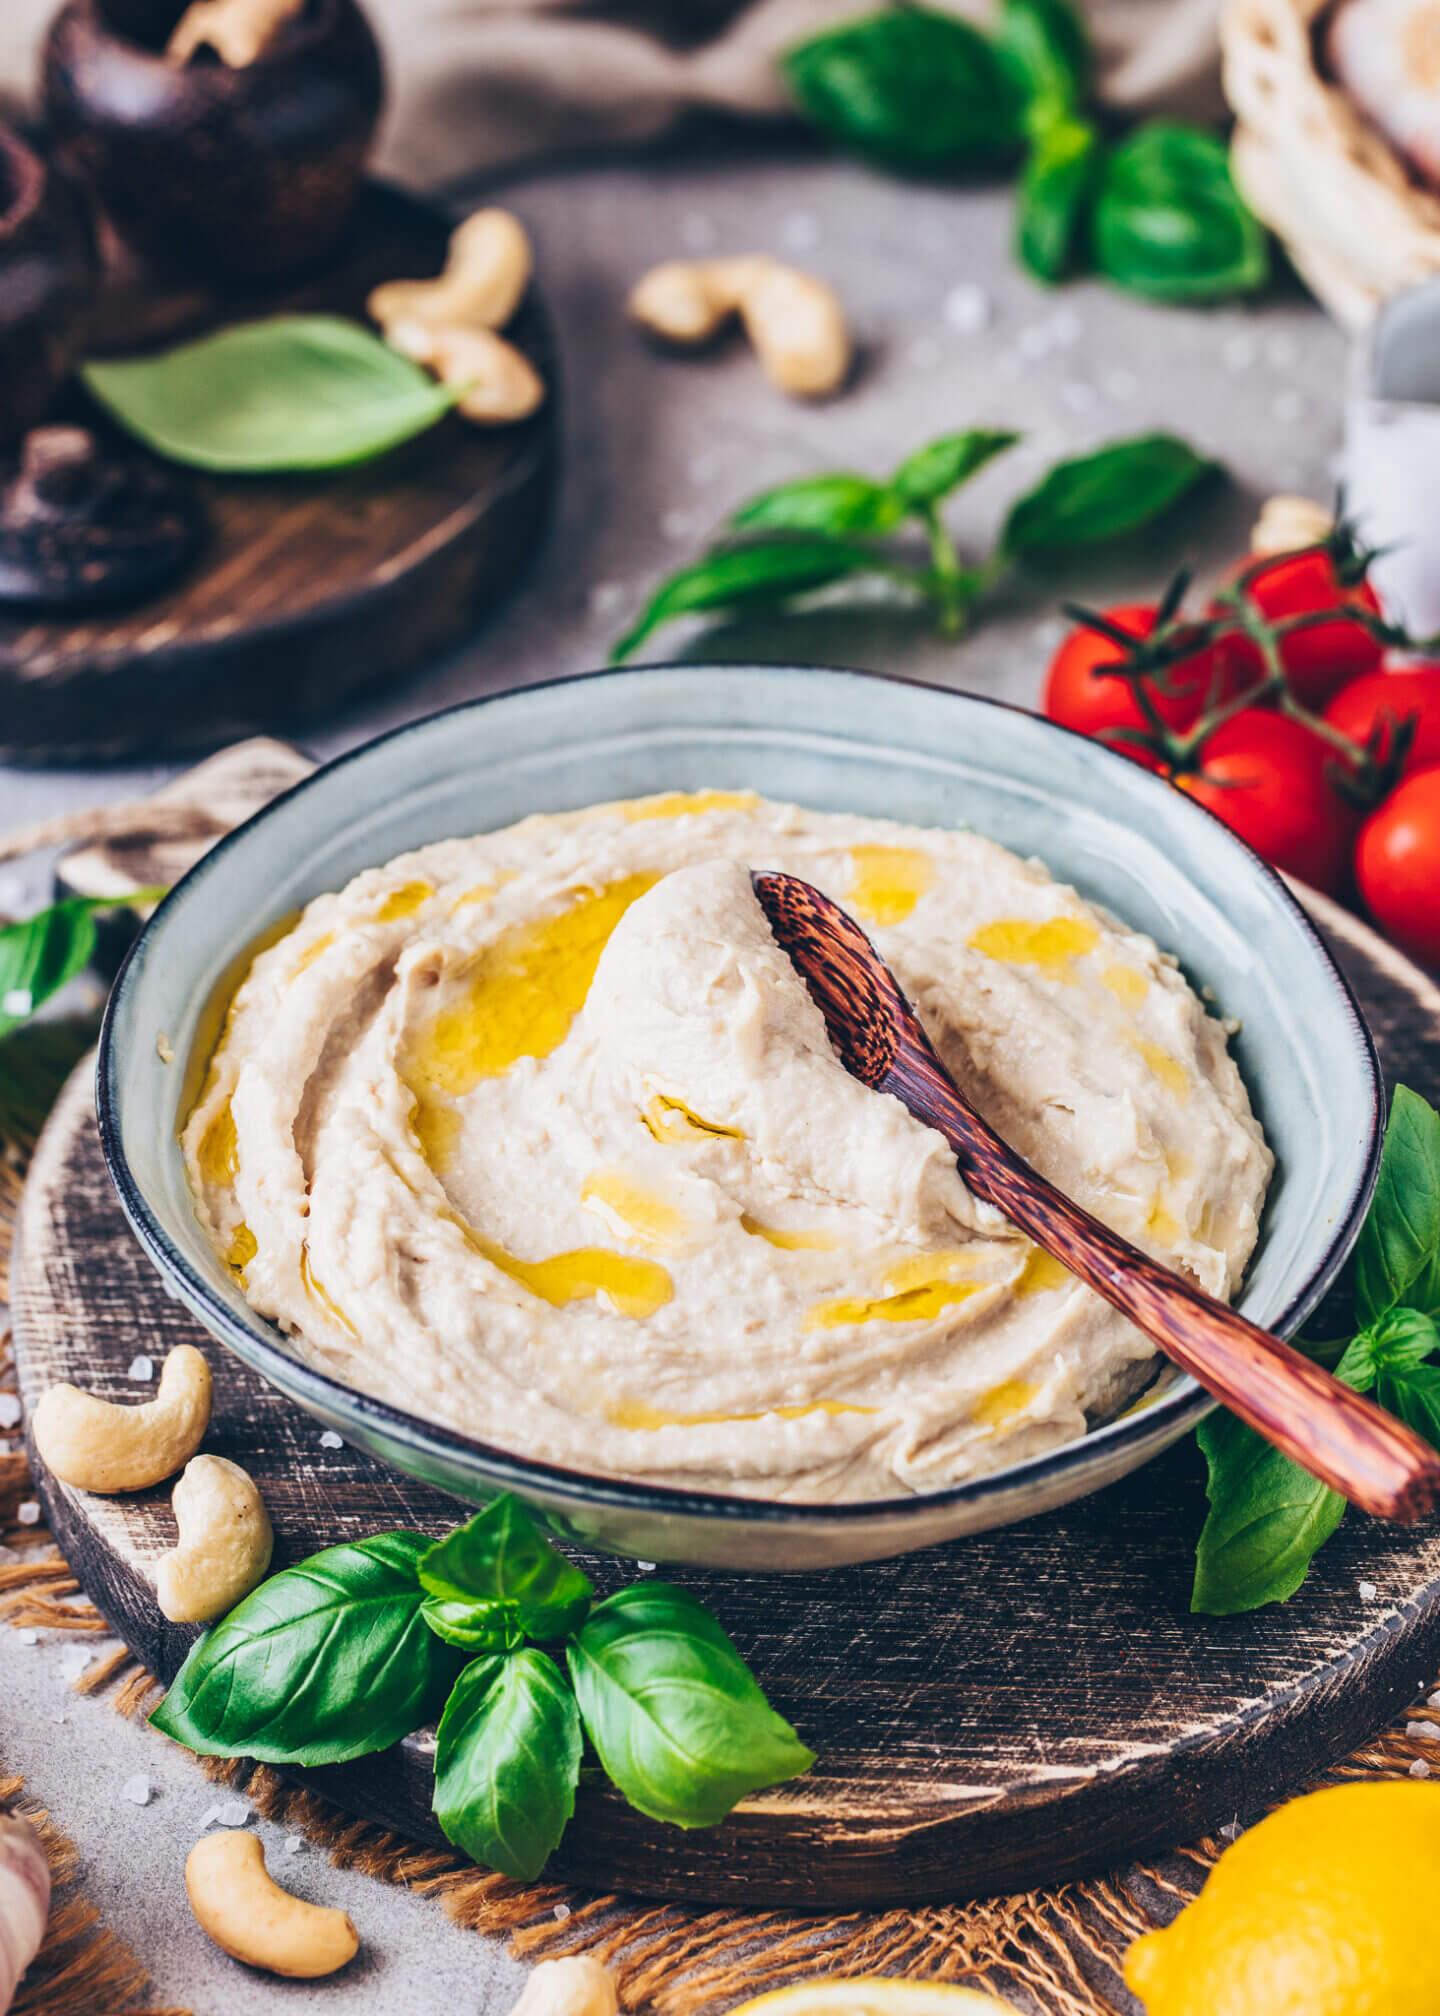 Cashew Ricotta, Vegane Sour Cream, Schmand, Frischkäse